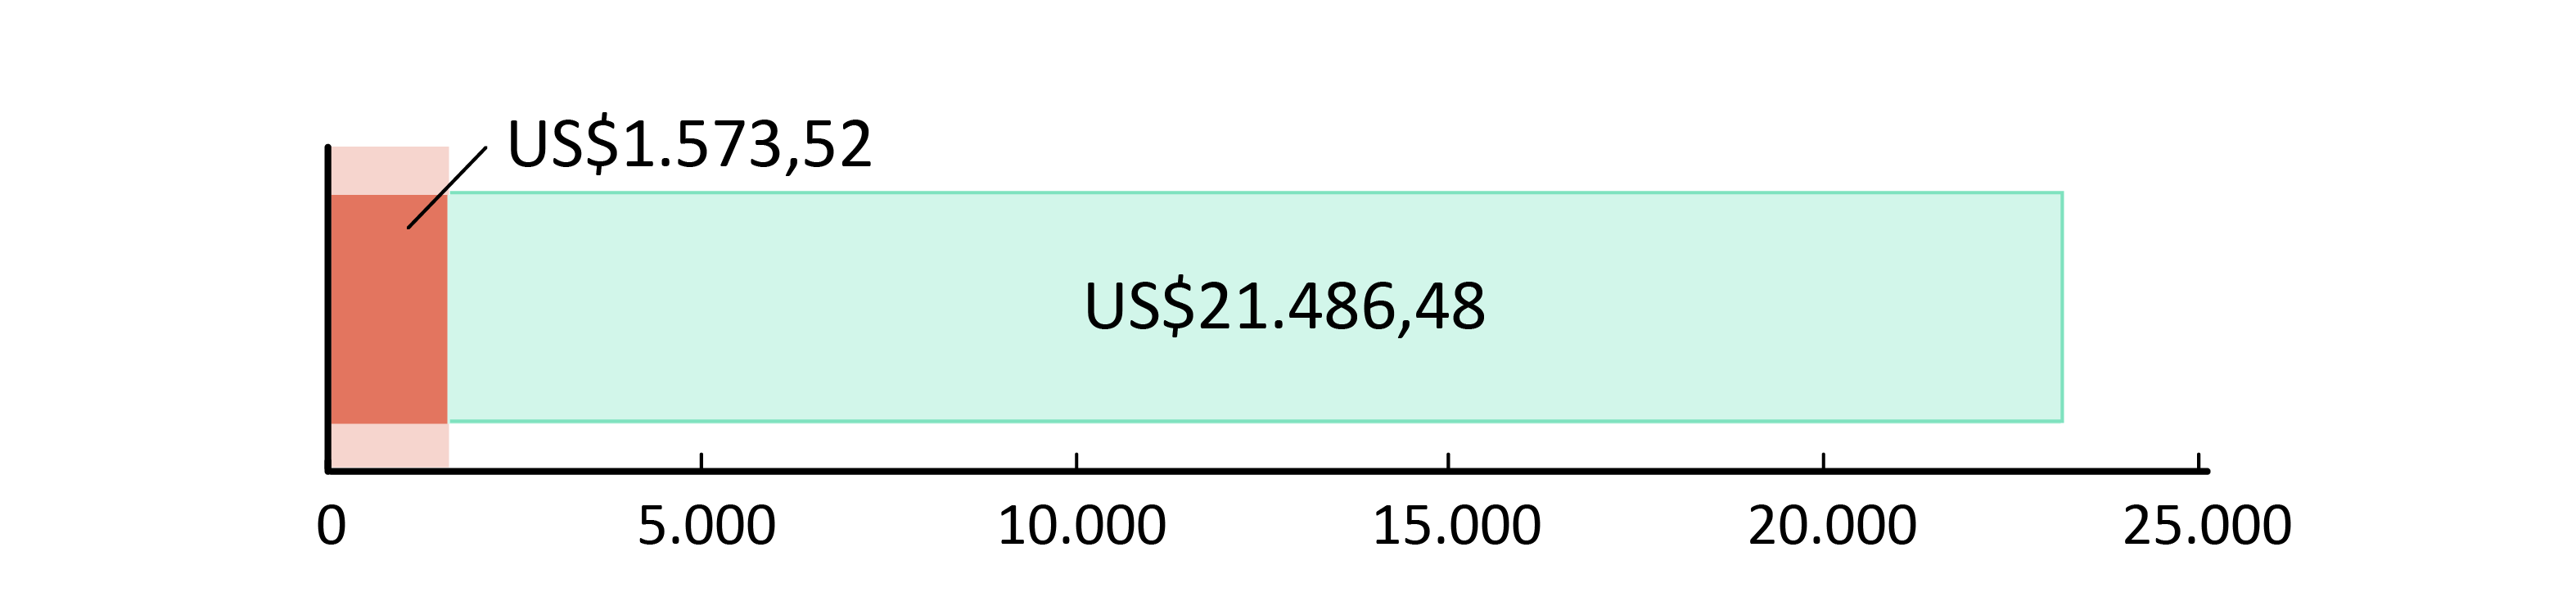 US$ 1.573,52 gastos; US$21.486,48 em caixa